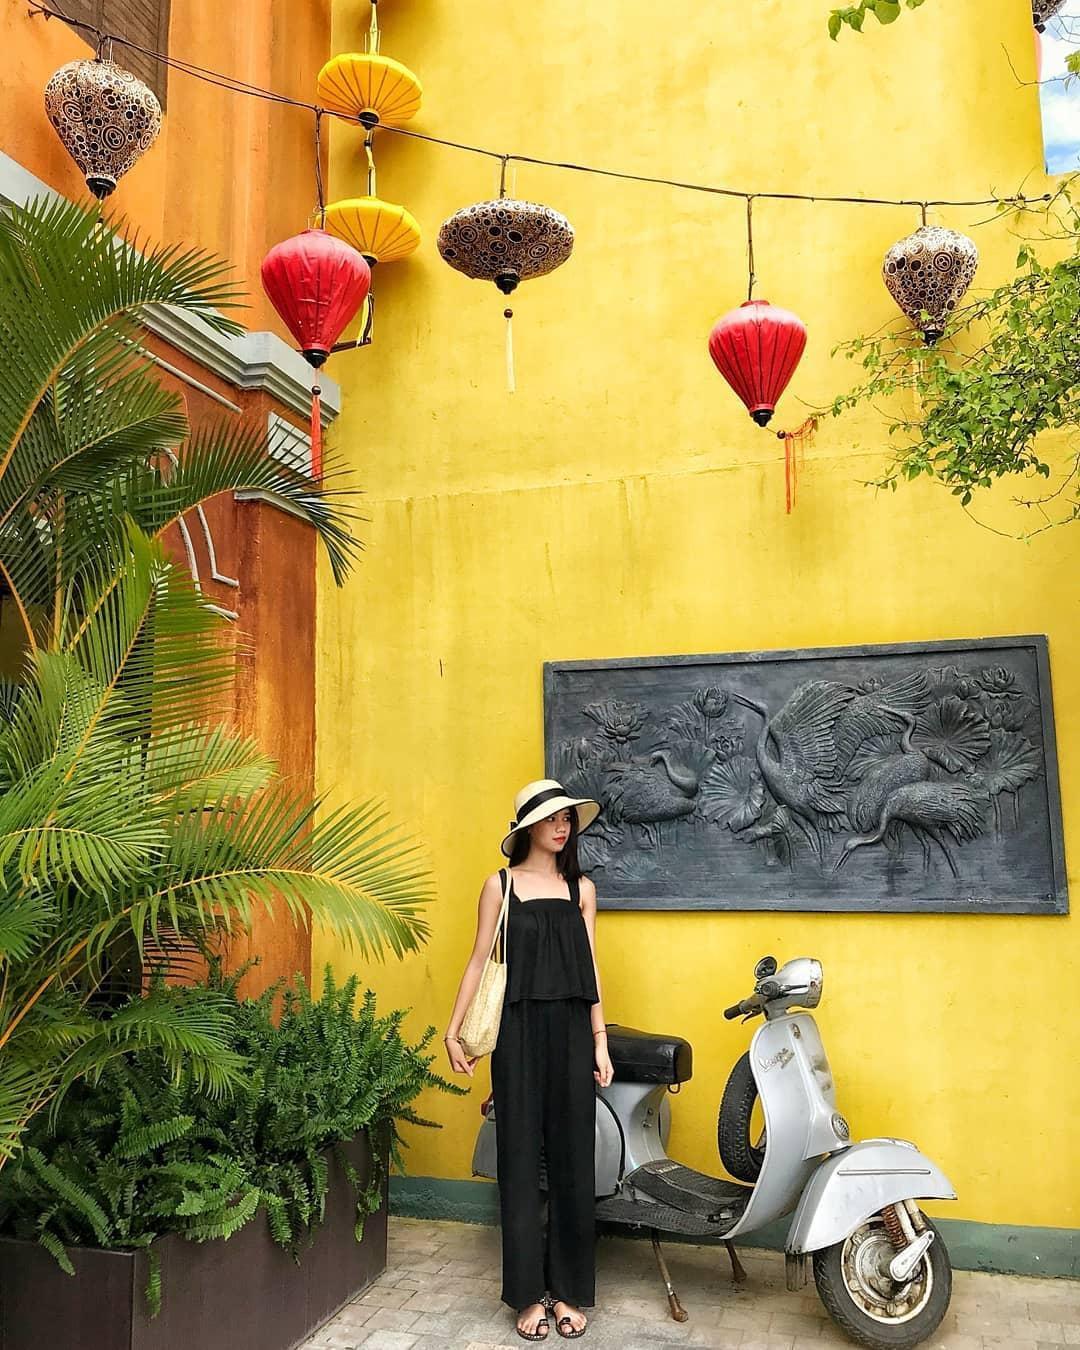 Đà Lạt, Hội An - Hai điểm đến không mới nhưng chưa bao giờ hết hot của giới trẻ Việt - Ảnh 8.